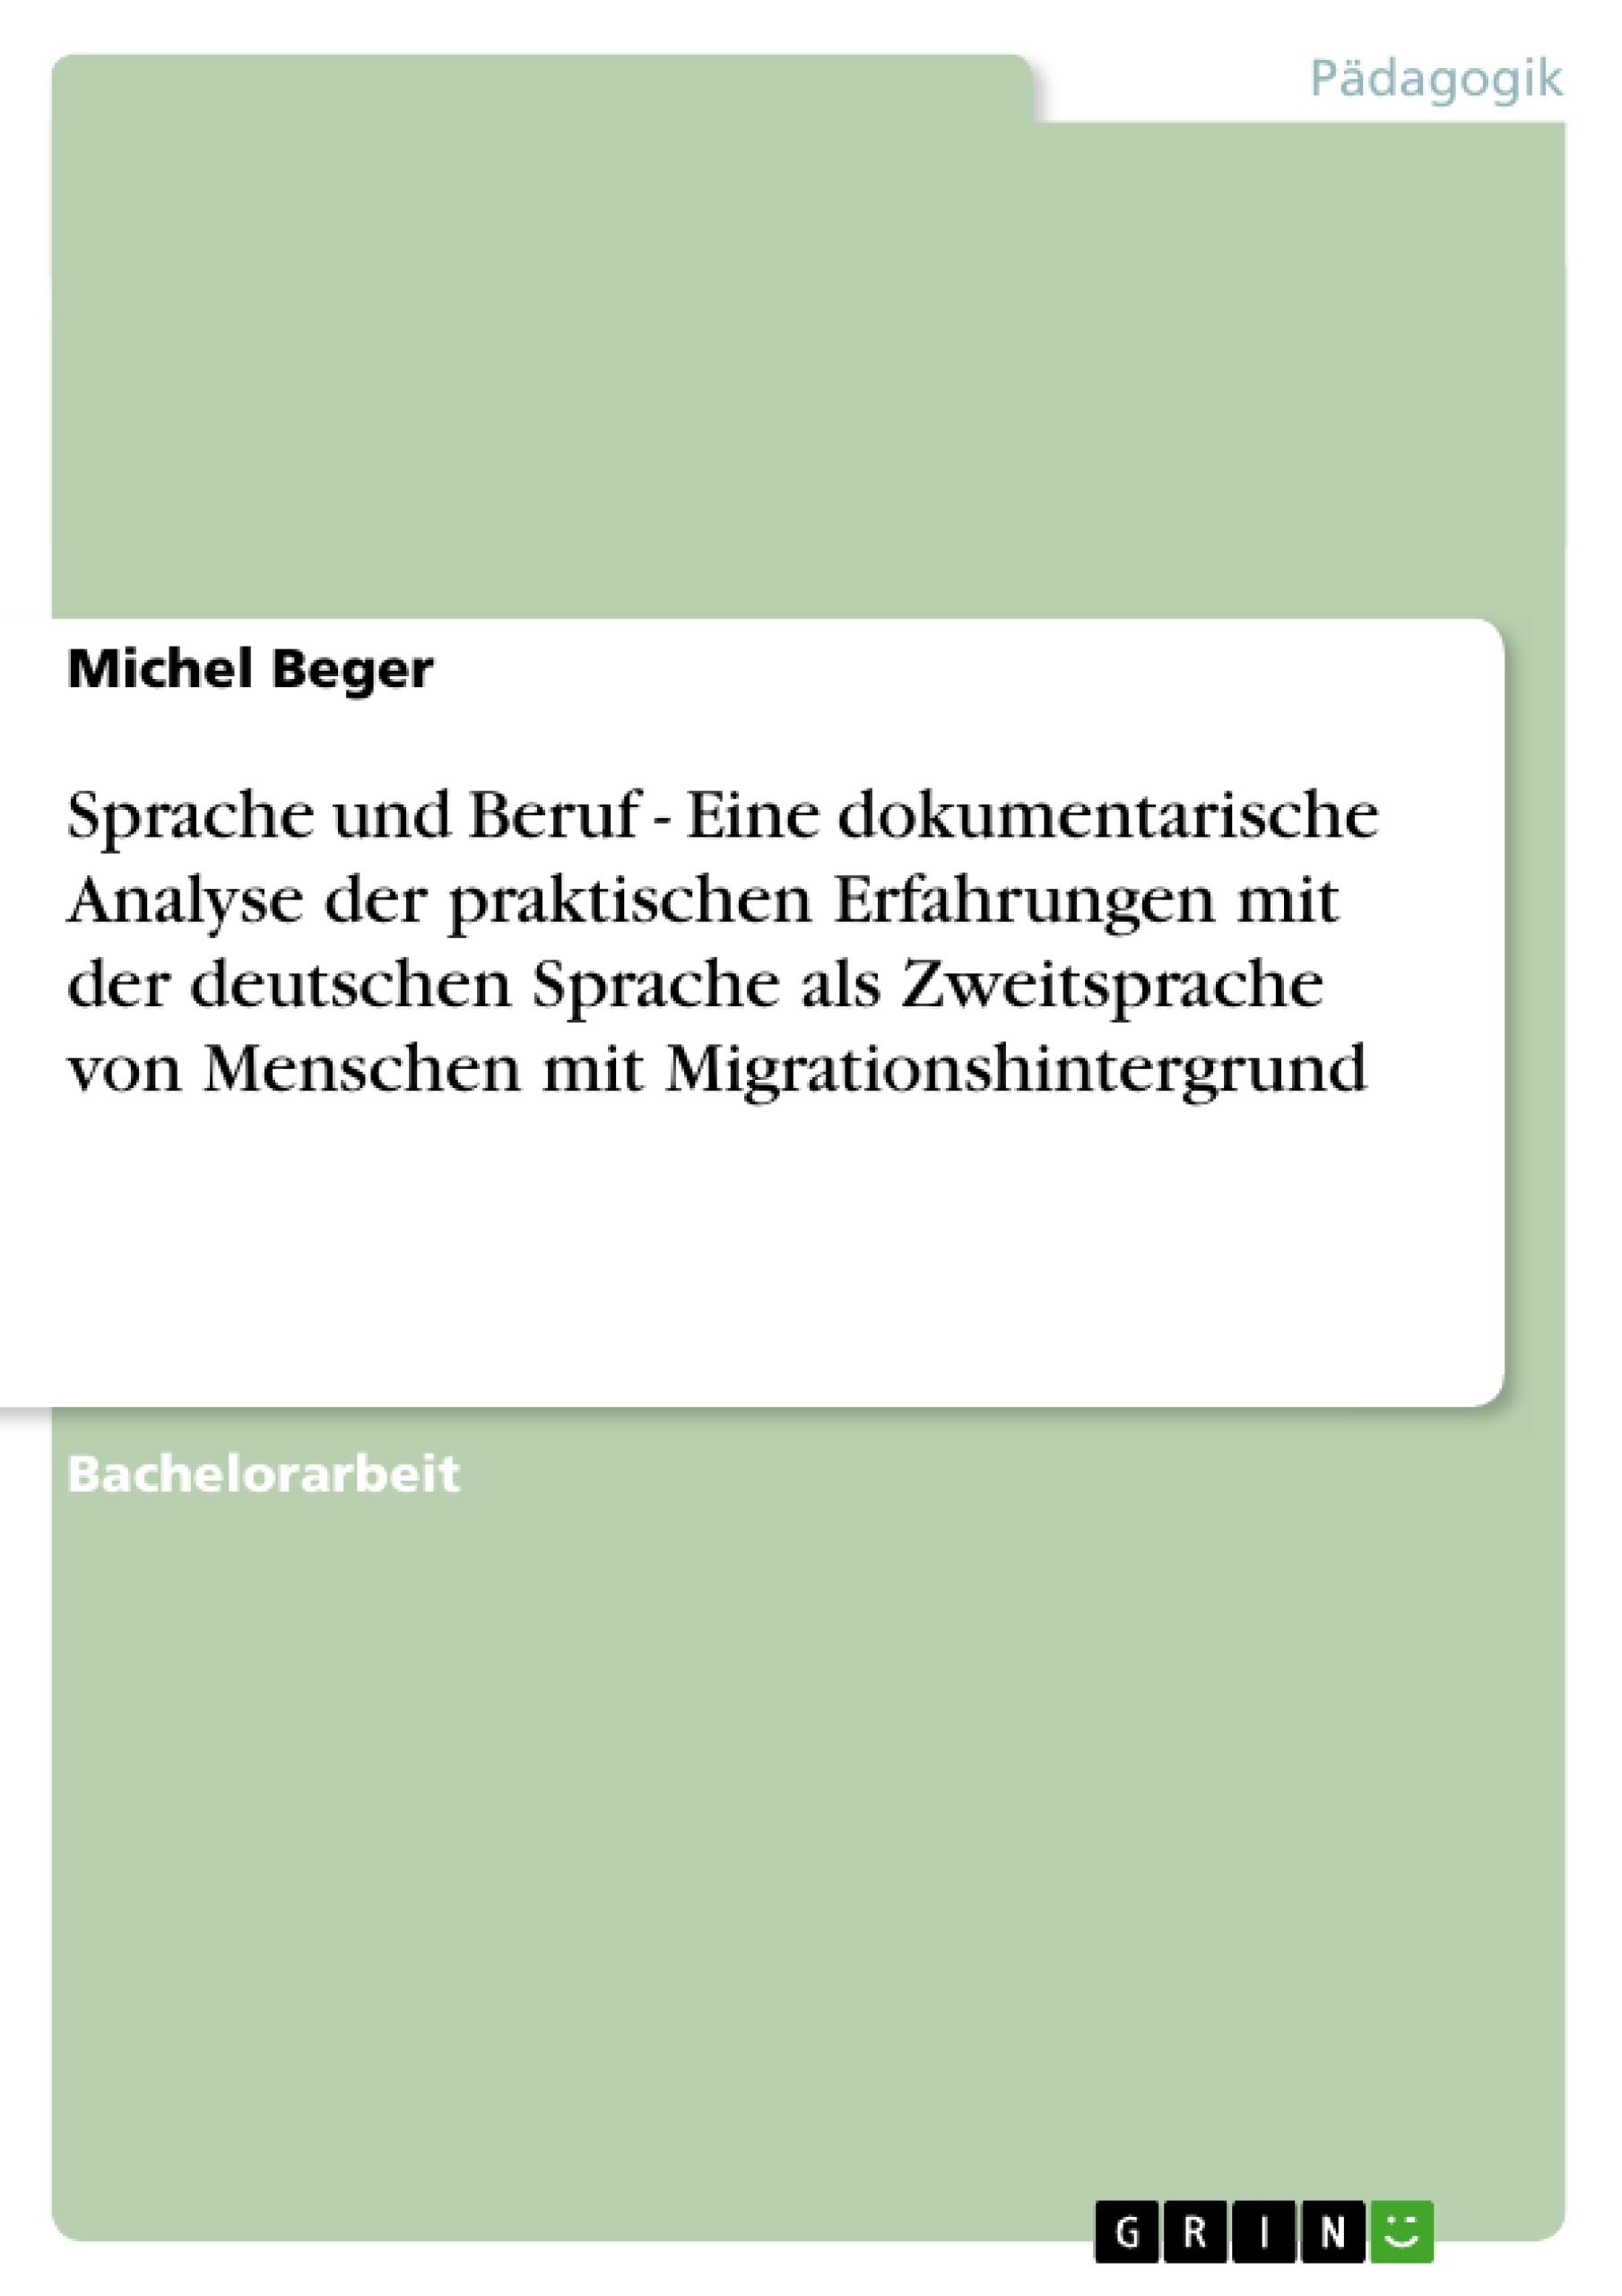 Titel: Sprache und Beruf - Eine dokumentarische Analyse der praktischen Erfahrungen mit der deutschen  Sprache als Zweitsprache von Menschen mit Migrationshintergrund